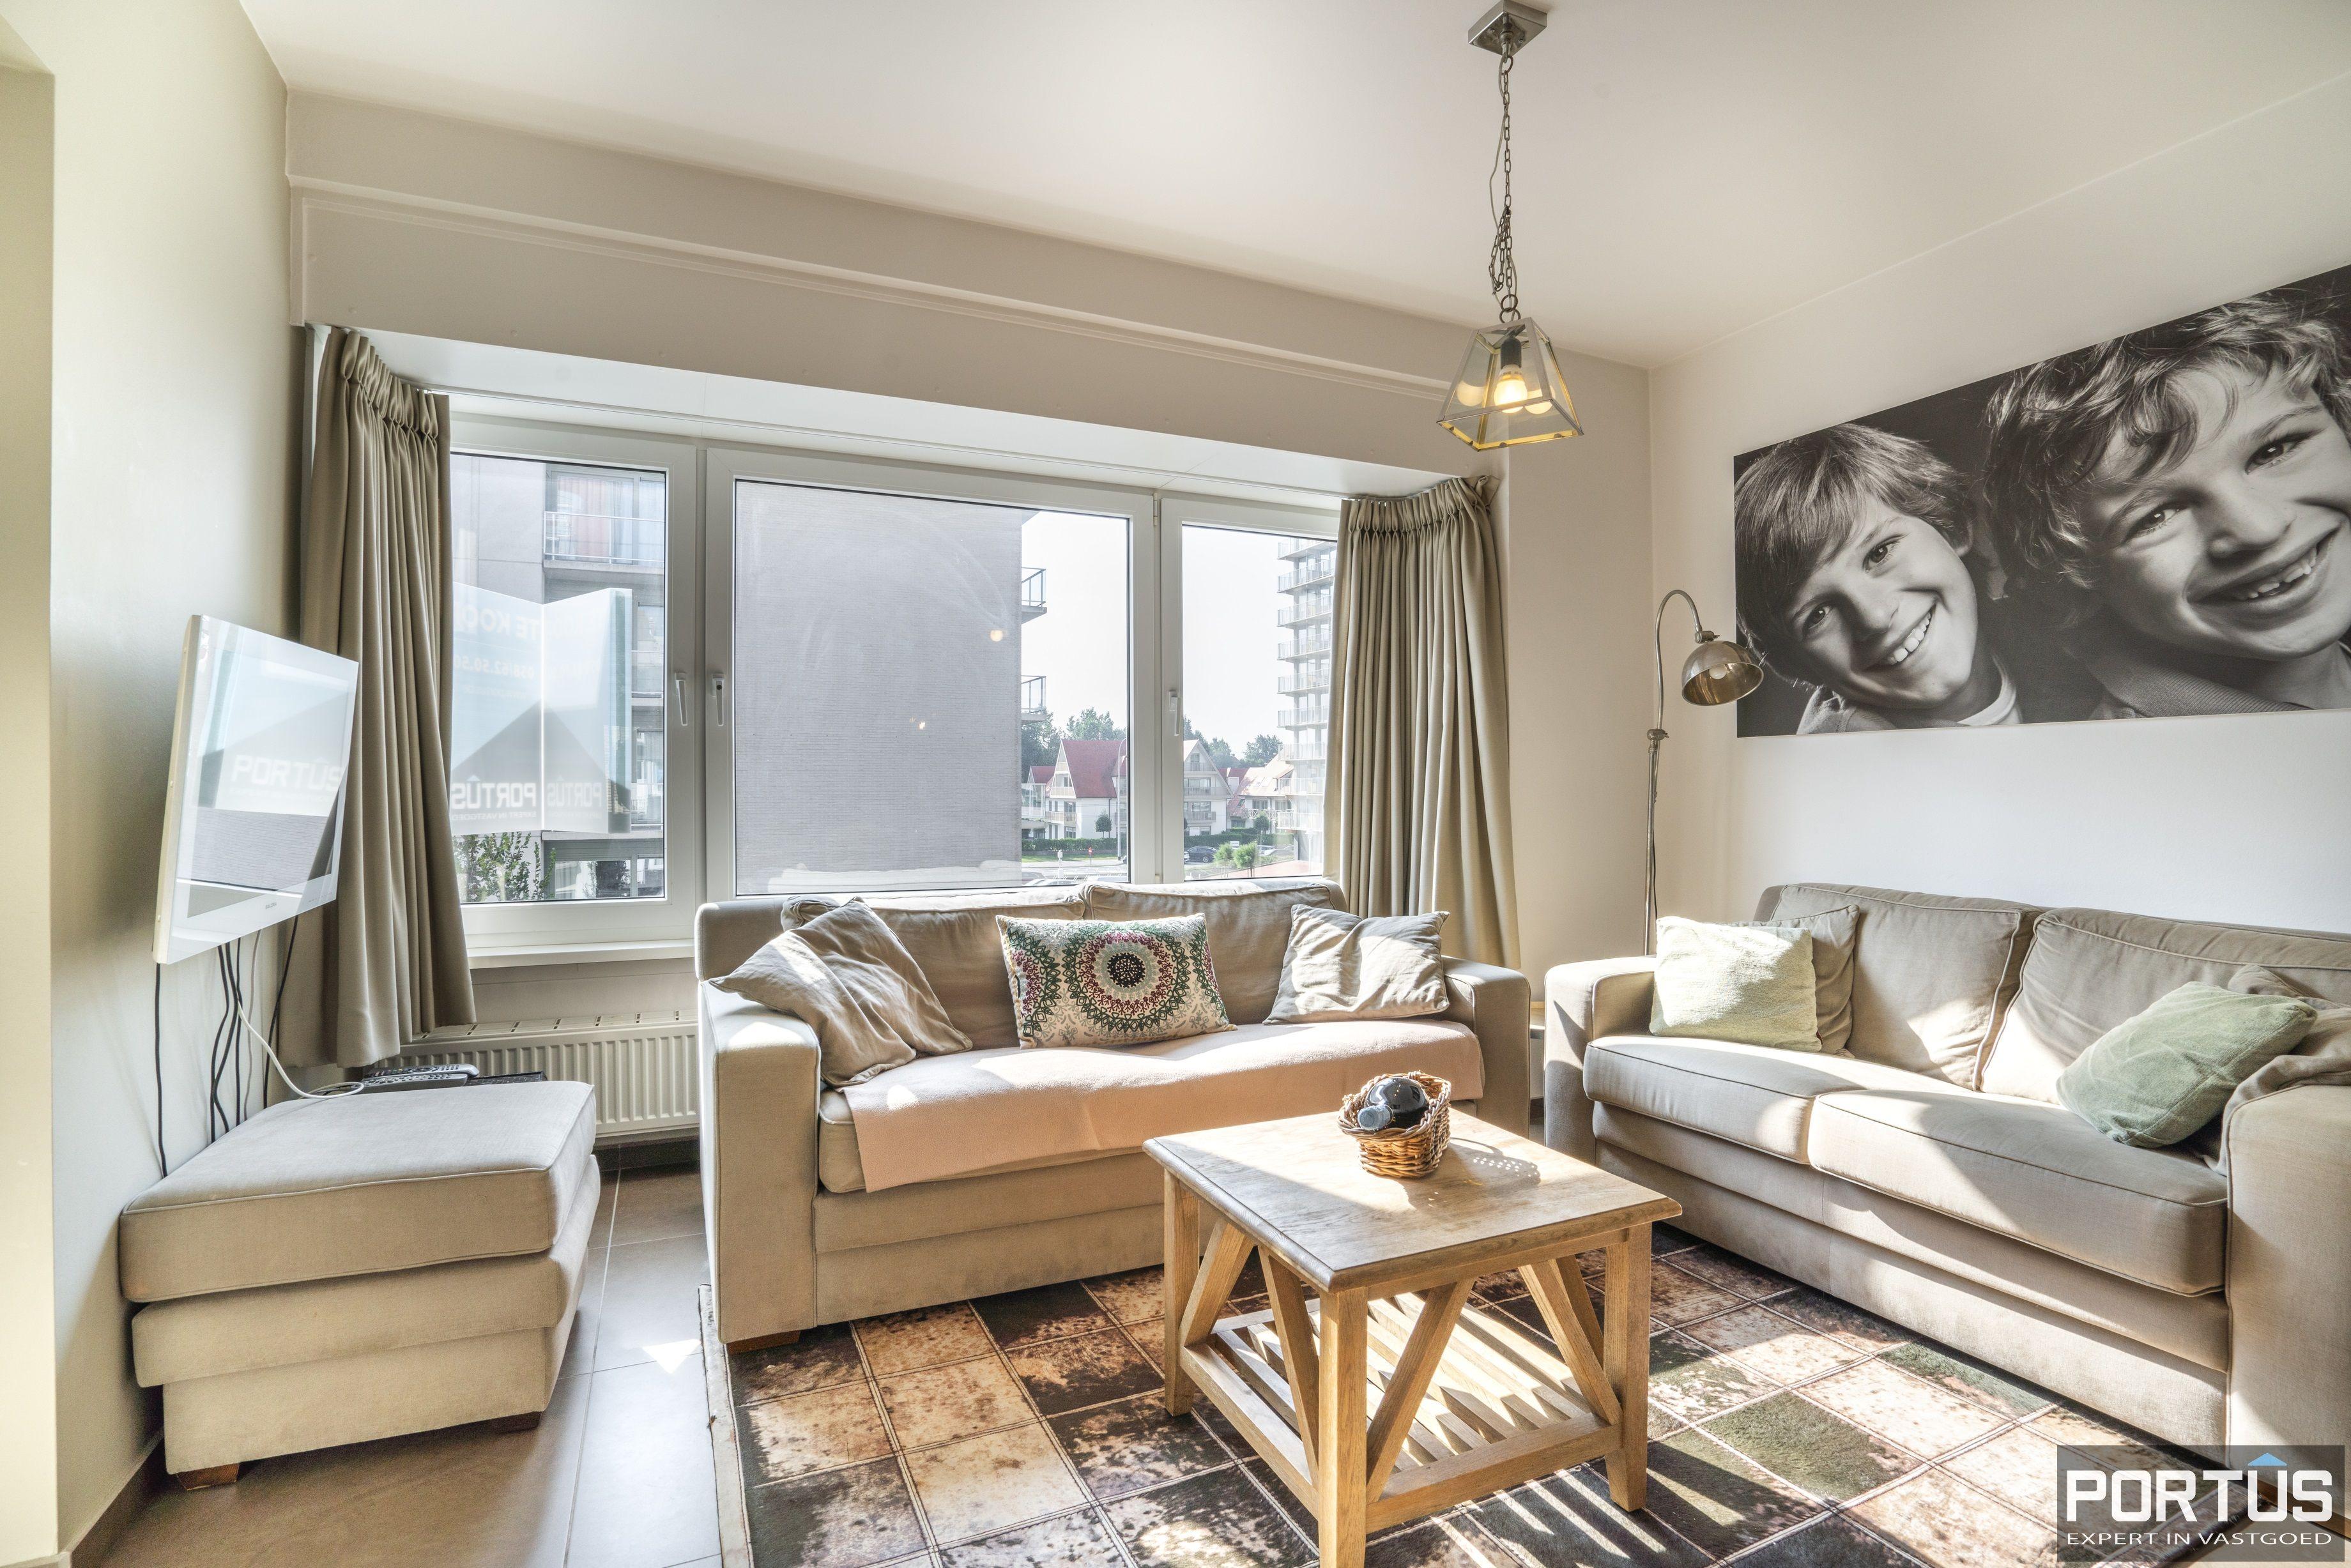 Appartement met 3 slaapkamers te koop te Nieuwpoort-Bad - 13785